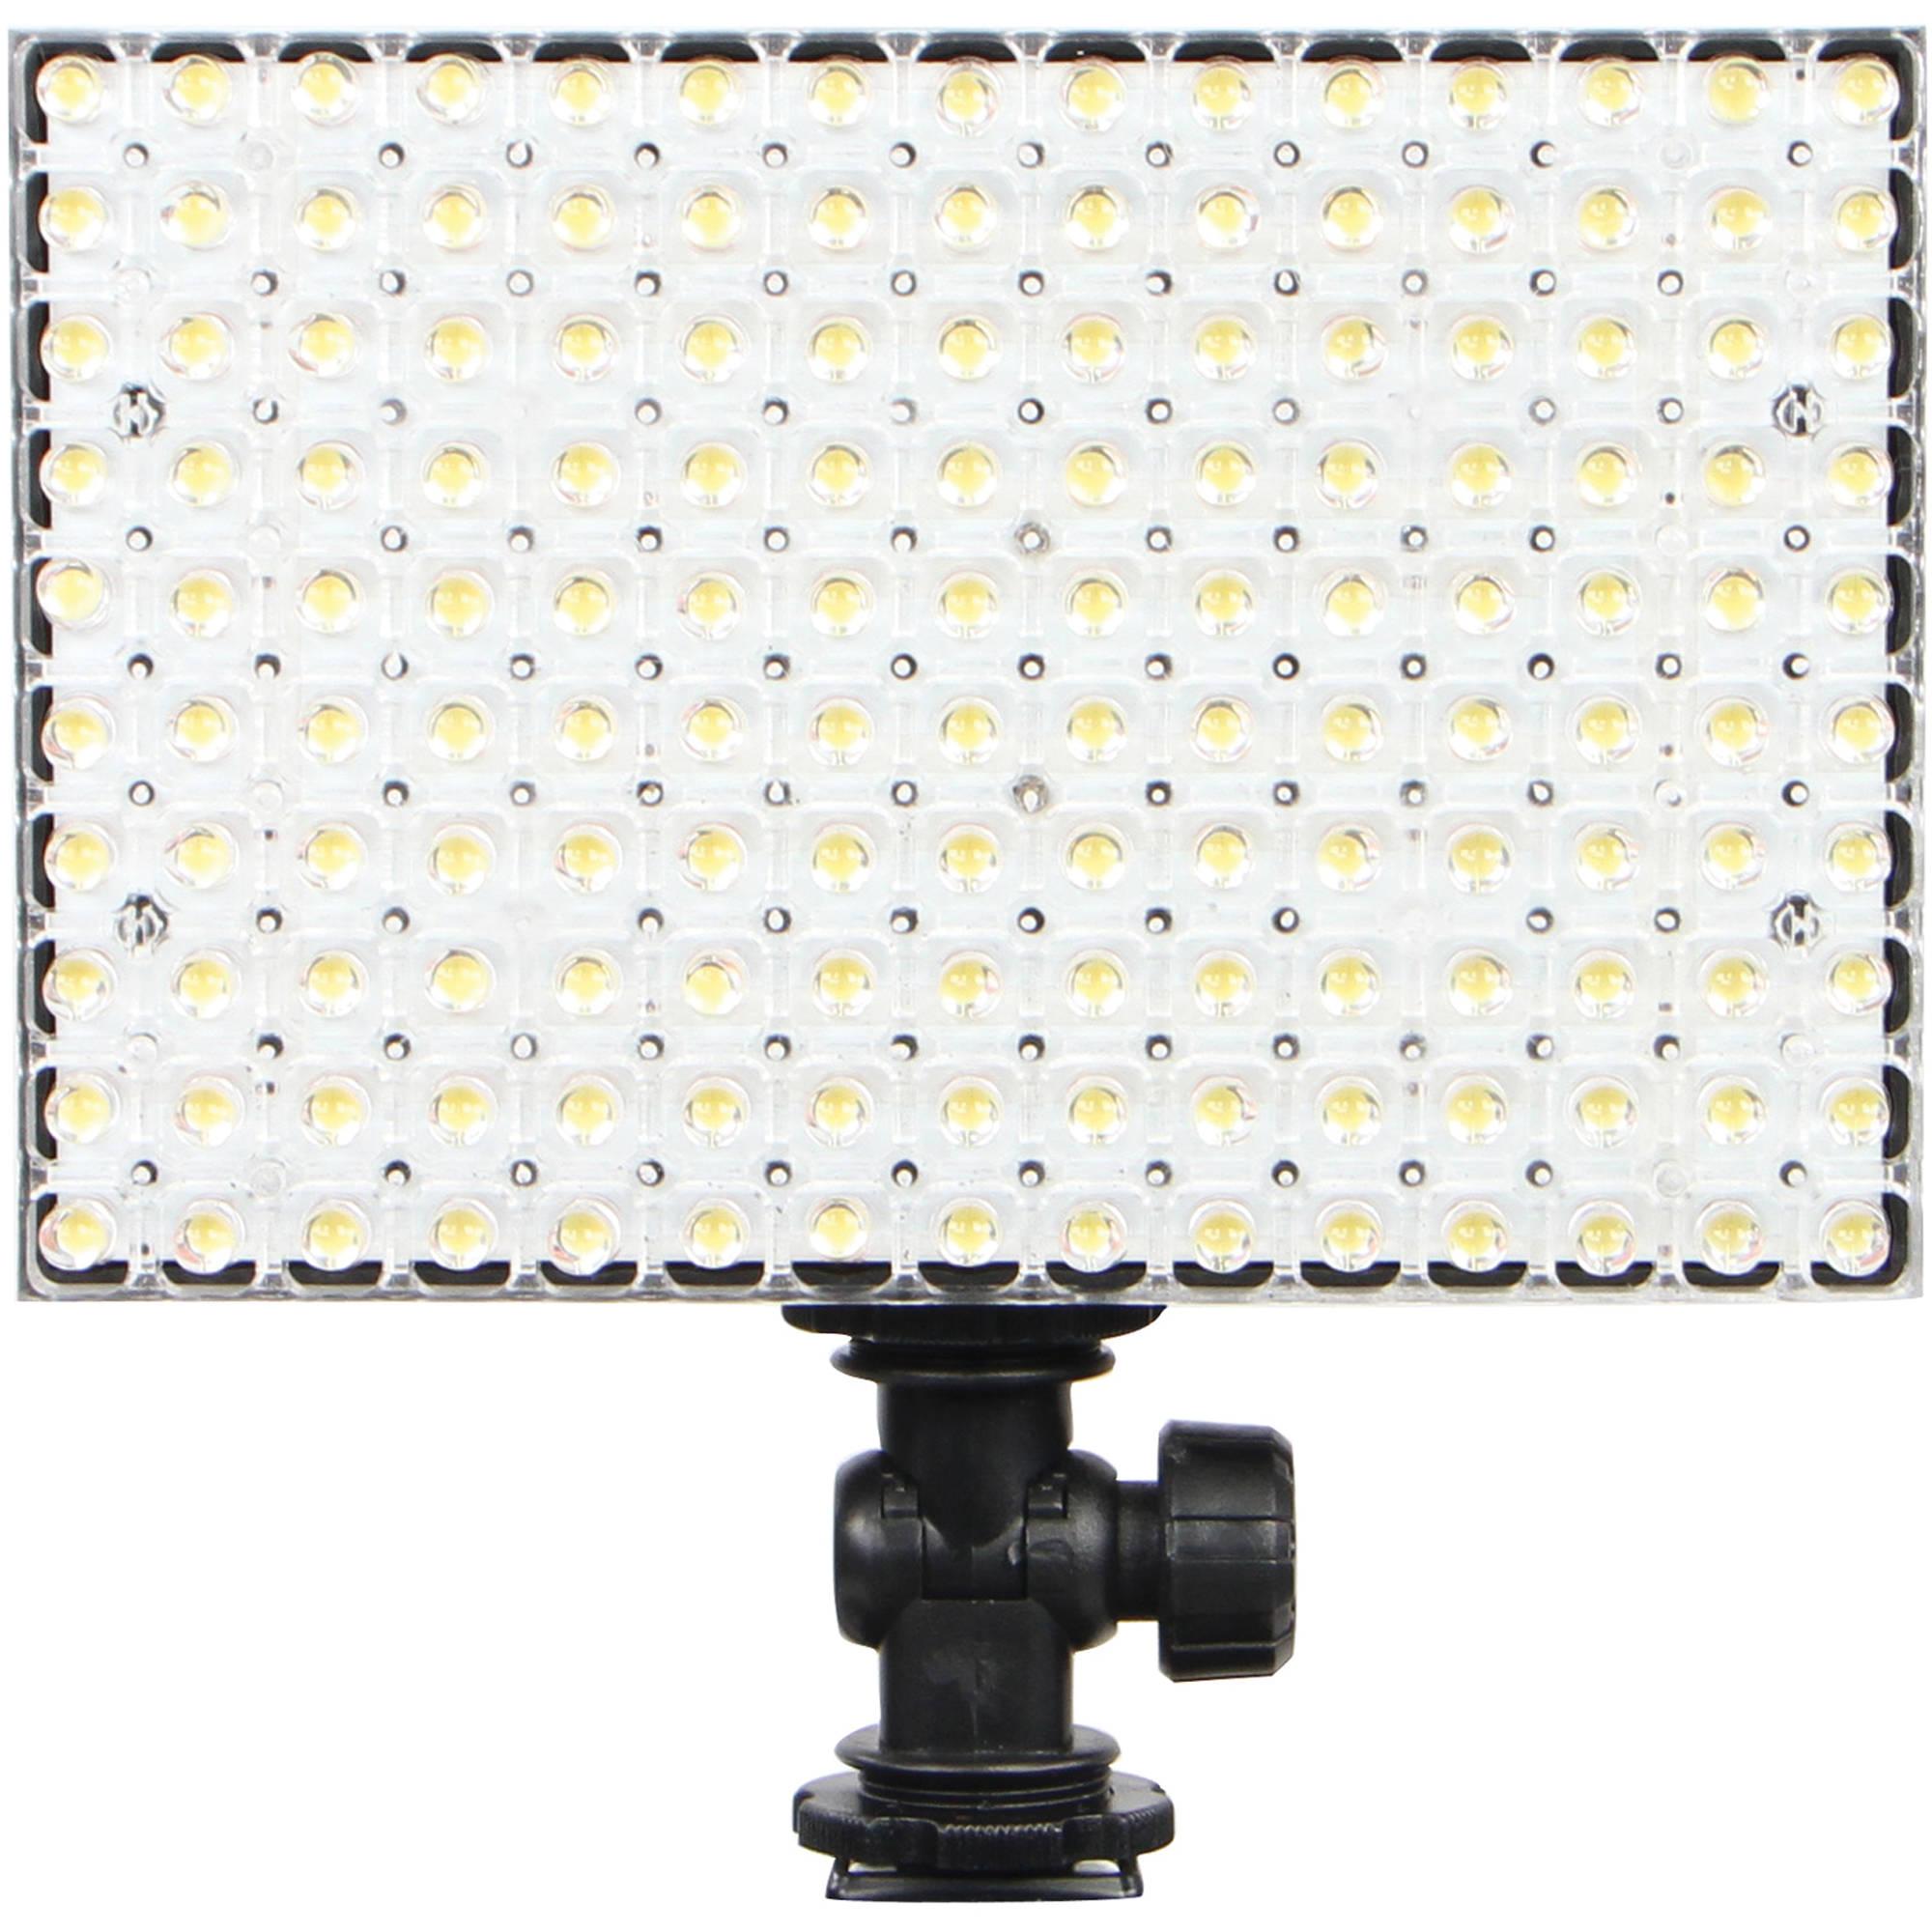 Ledgo 150 LED On-Camera Light  sc 1 st  Bu0026H & Ledgo 150 LED On-Camera Light LGB150 Bu0026H Photo Video